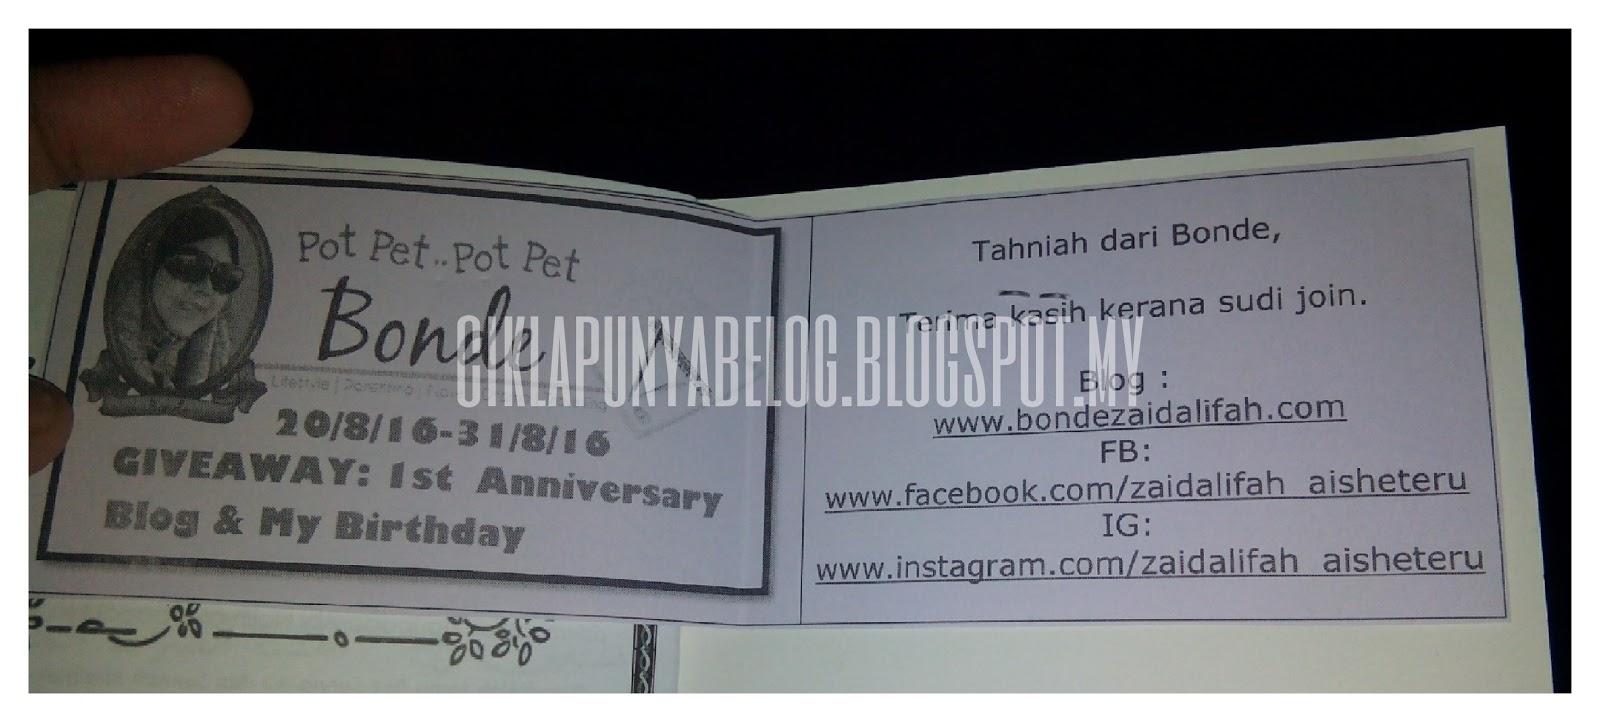 Menang Giveaway : 1st anniversary blog dan my birthday anjuran bondezaidalifah.com.